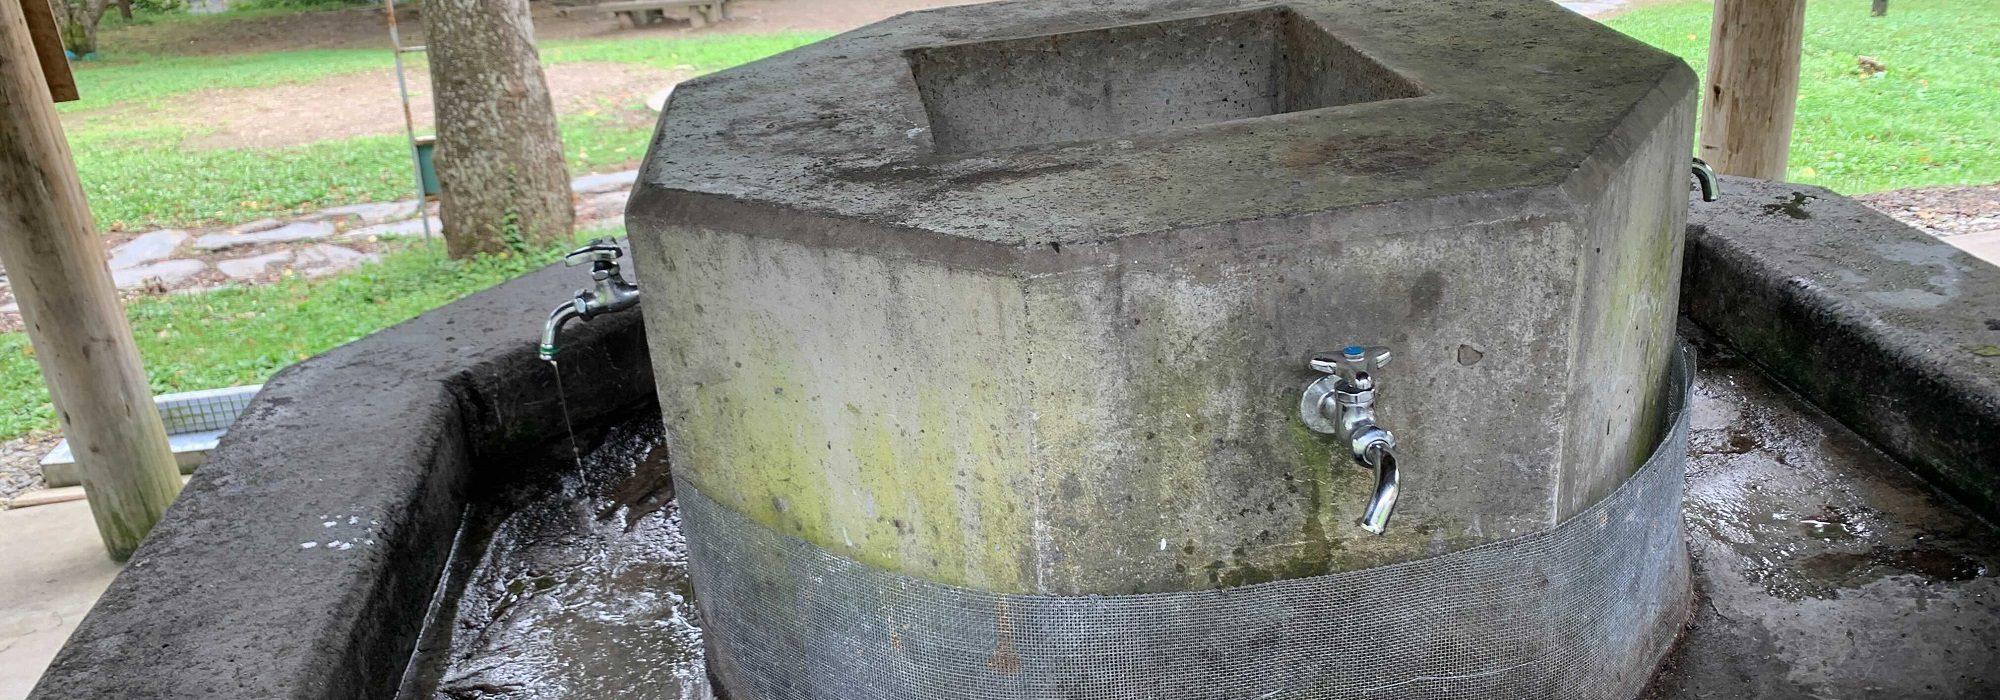 春~秋に使用できる水道(冬は凍結防止で水道は止まっている)